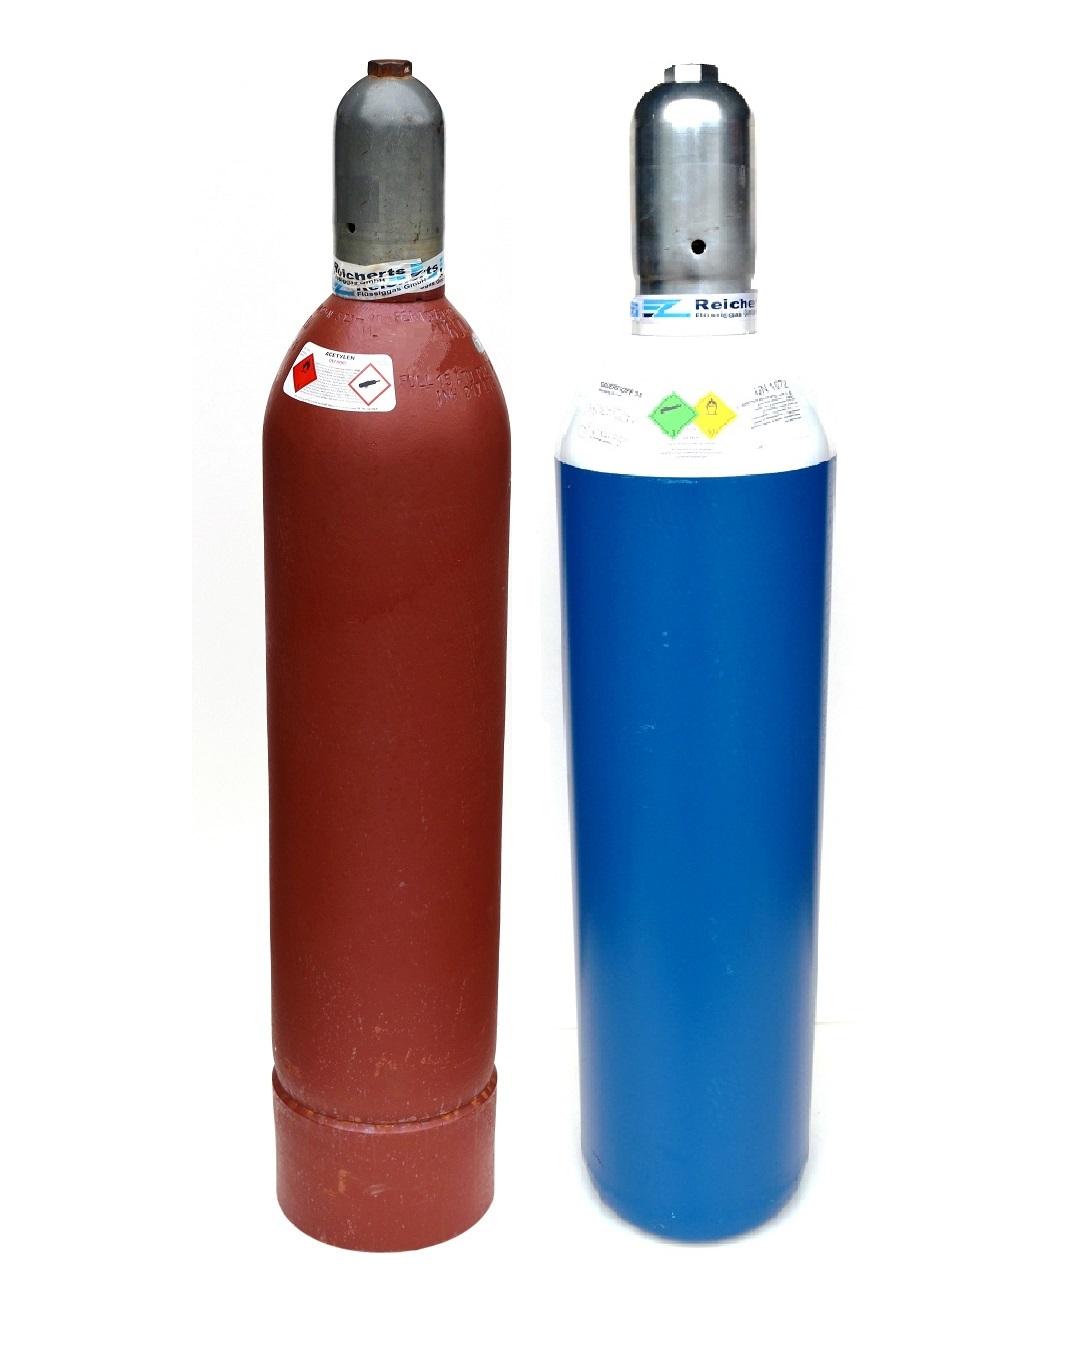 acetylen sauerstoff p rchen 20 liter gef llt. Black Bedroom Furniture Sets. Home Design Ideas